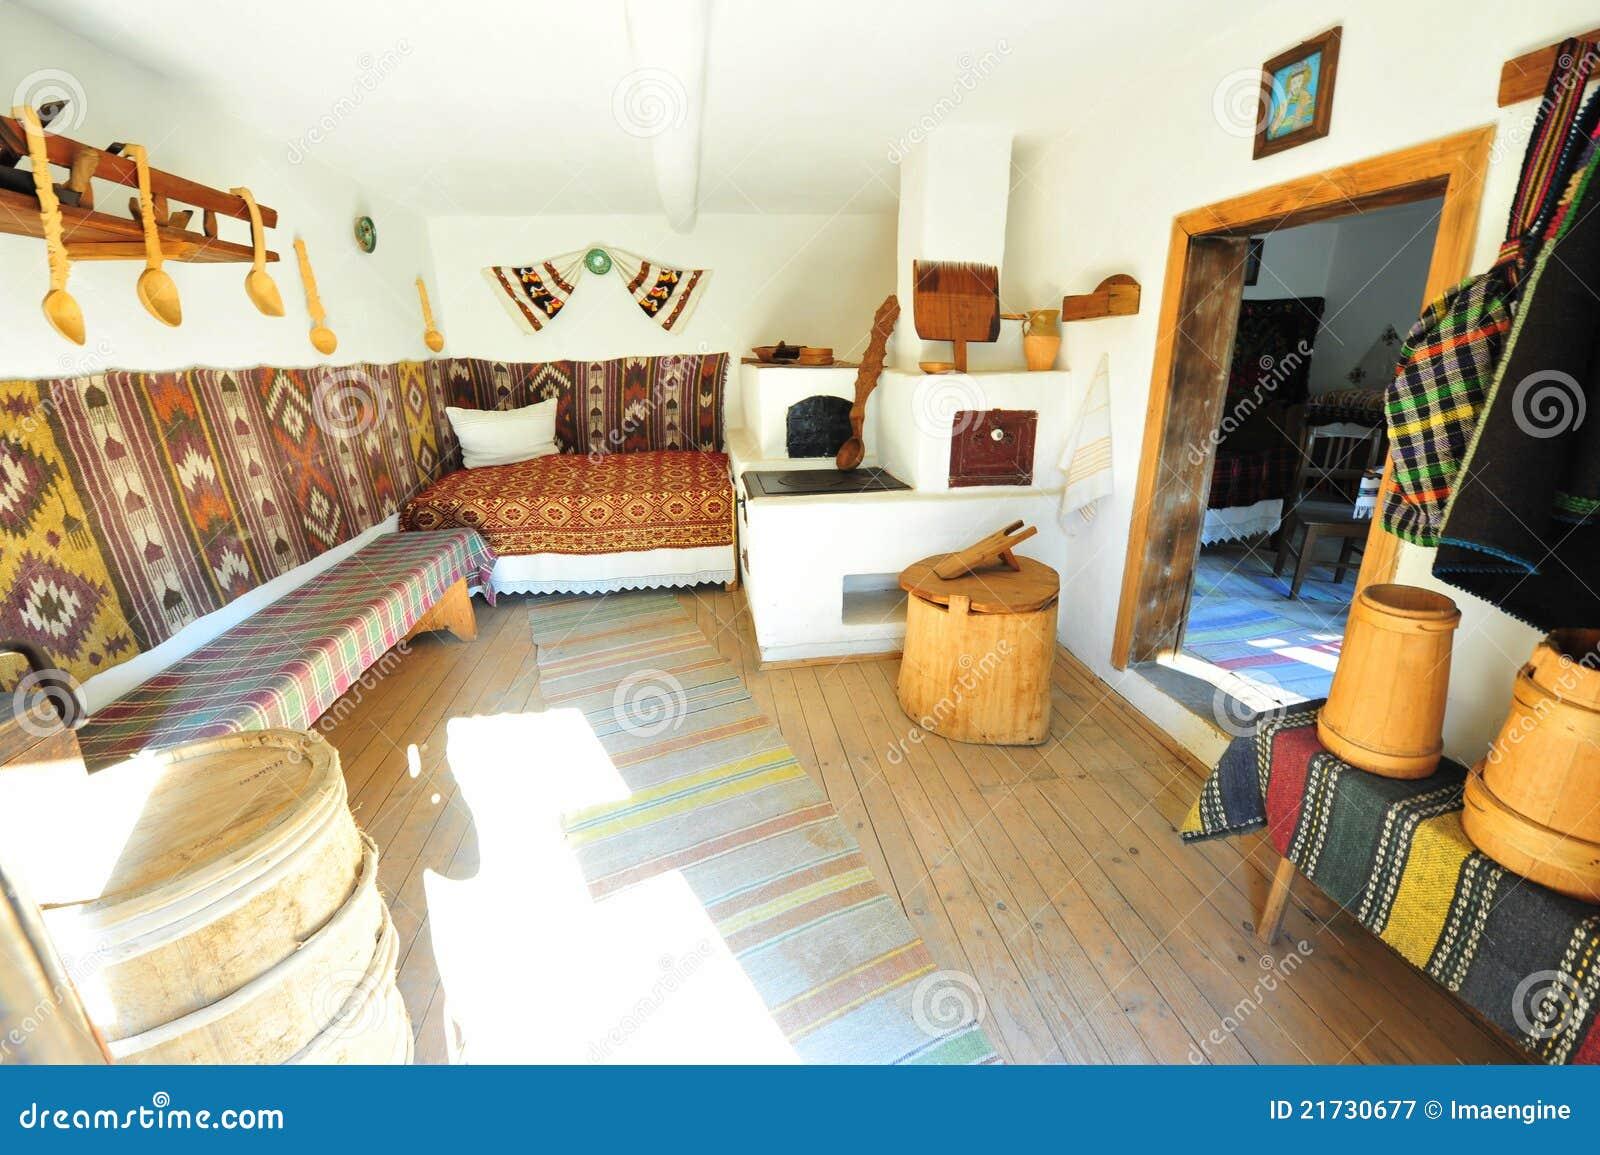 Int rieur la maison rural rustique traditionnel - Maison rustique yellowstone traditions ...